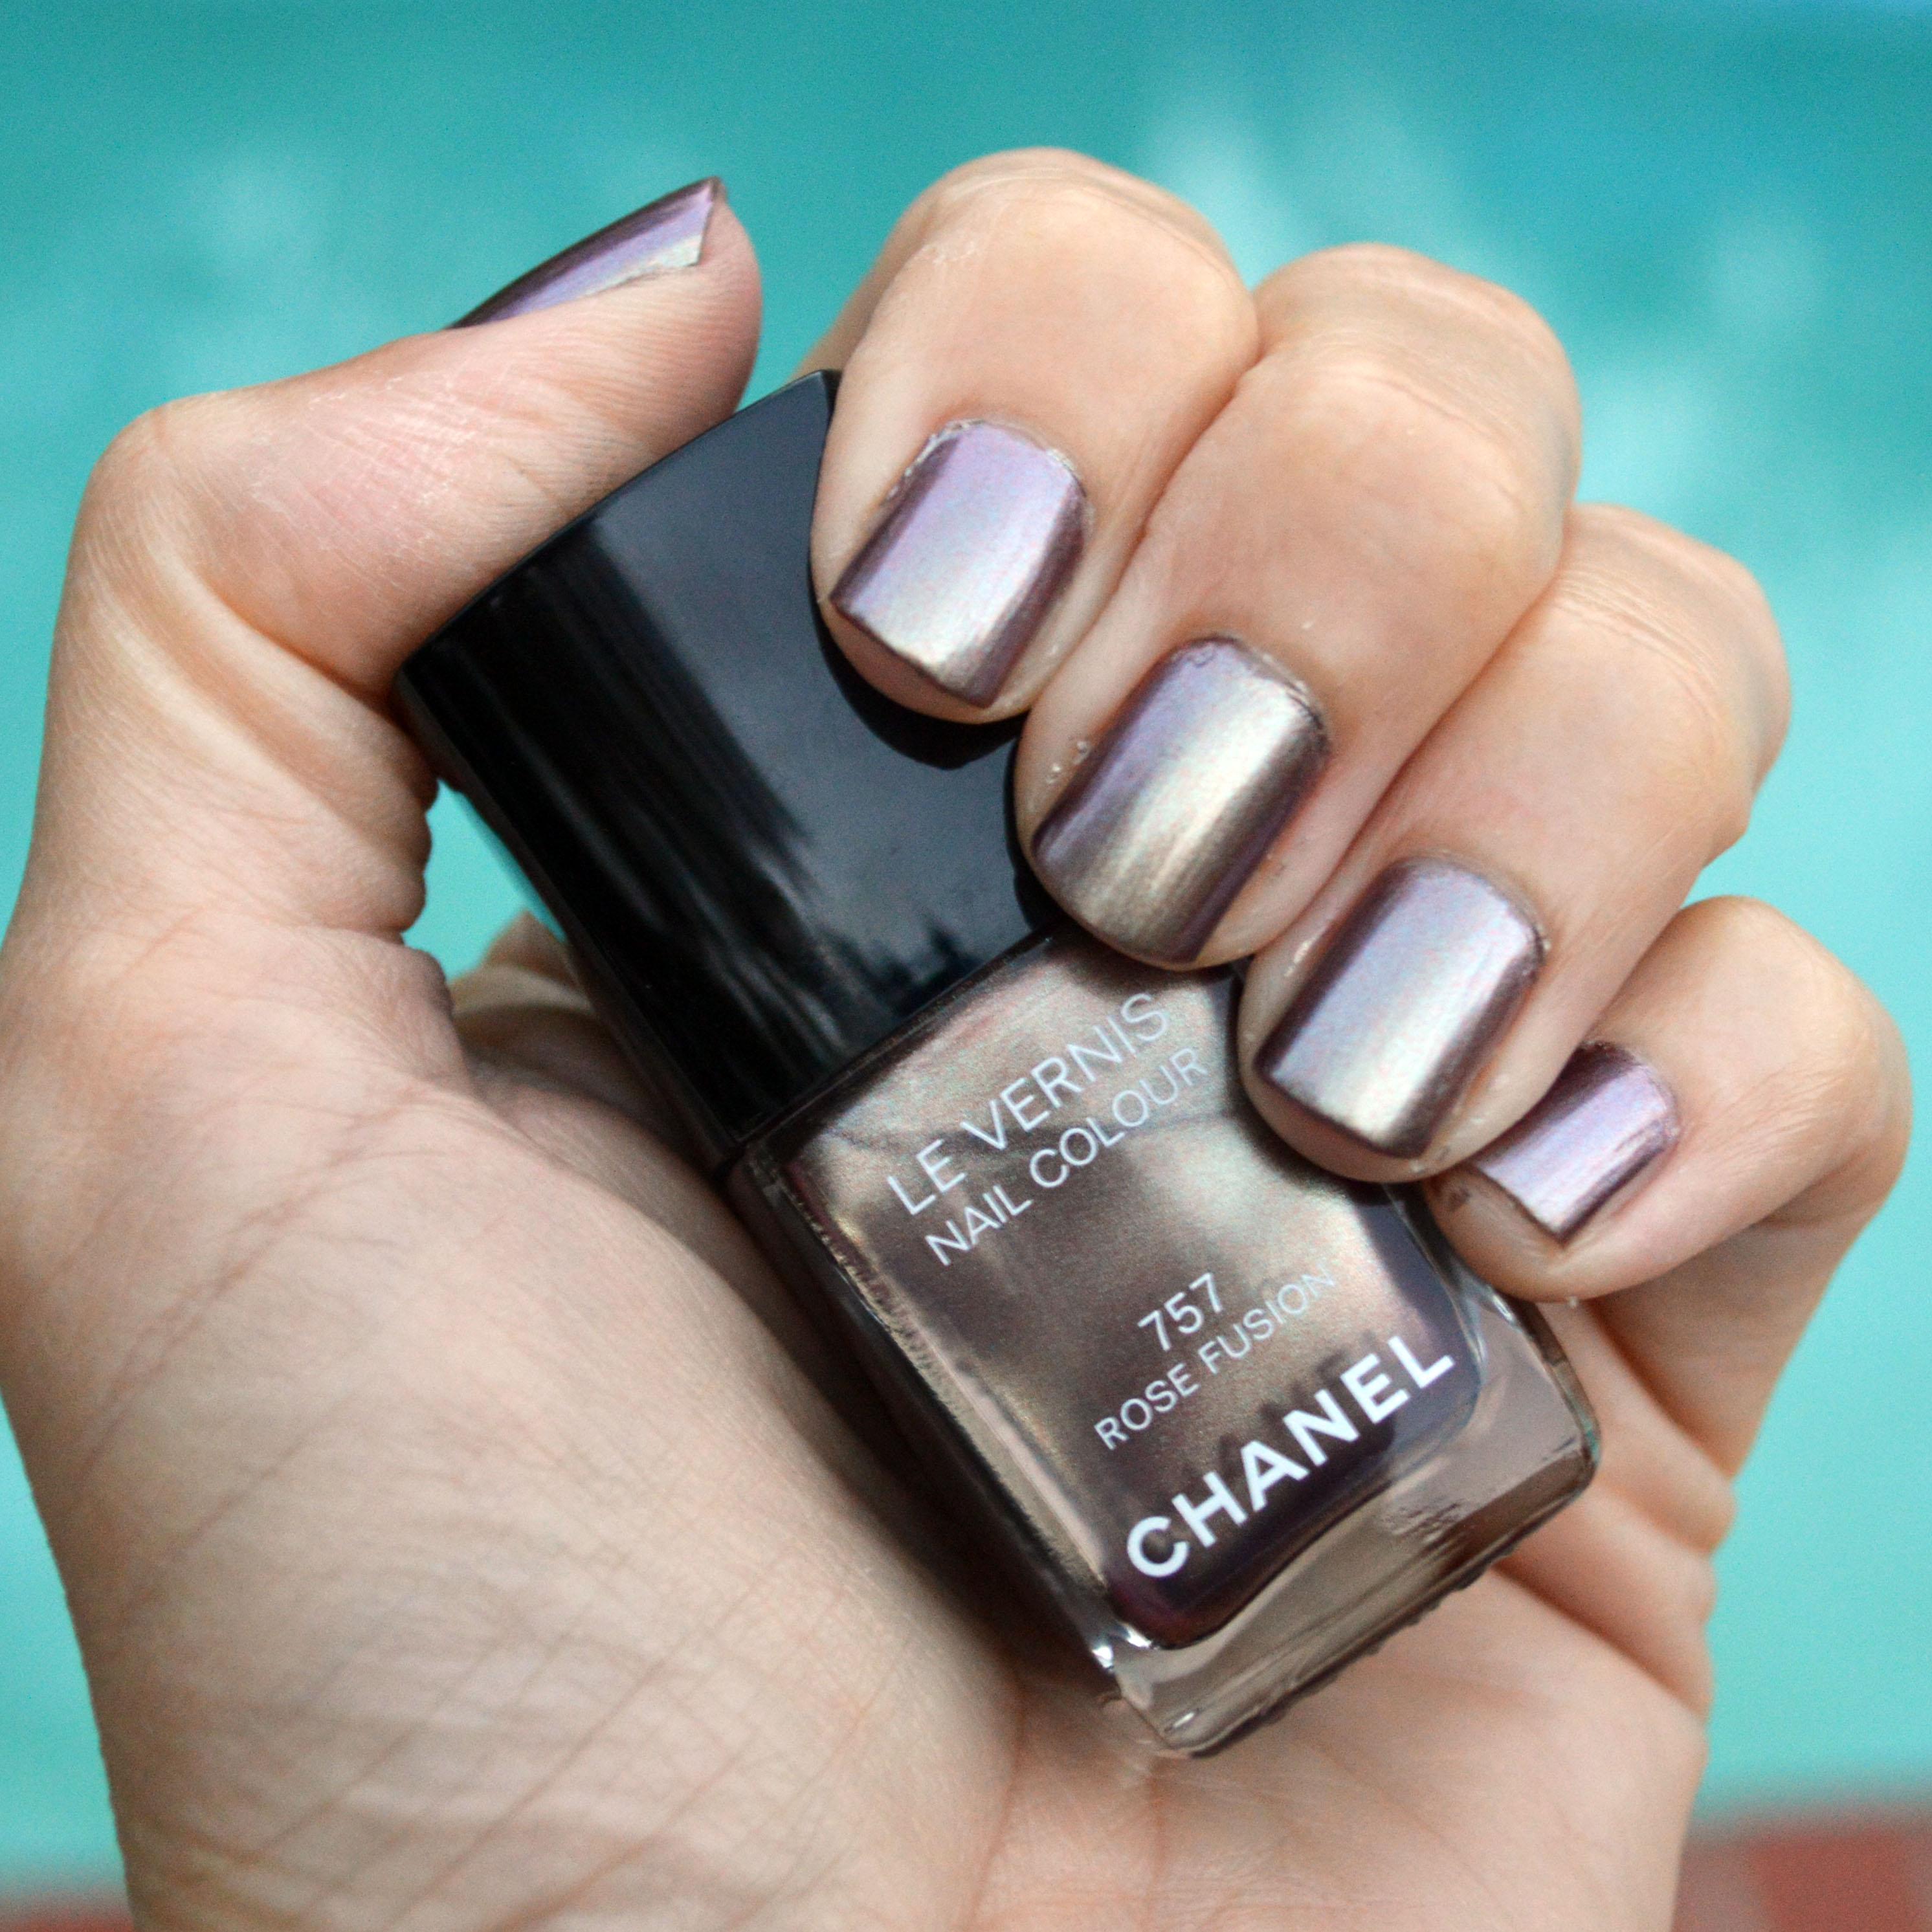 chanel rose fusion nail polish holidays 2015 review bay